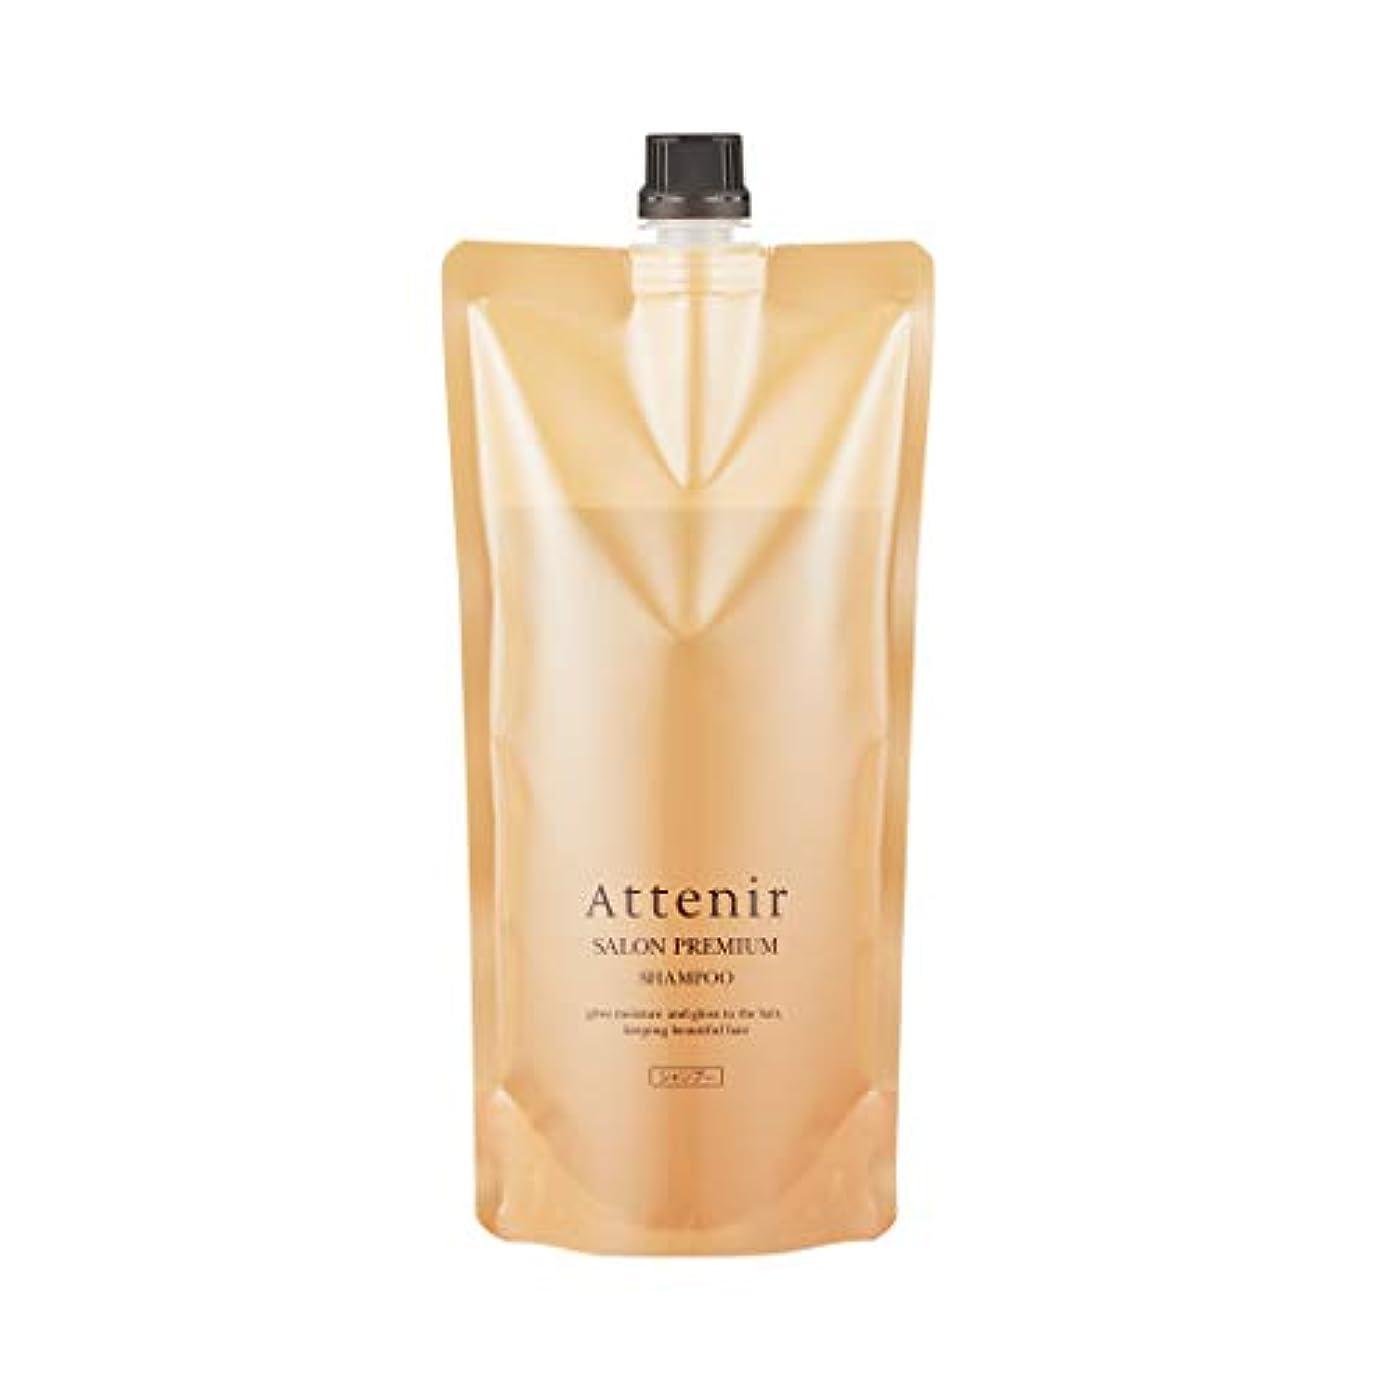 振る舞うでも乱雑なアテニア サロンプレミアム シャンプー グランフローラルの香り レフィル <詰替用> 500ml 毛髪補強成分配合